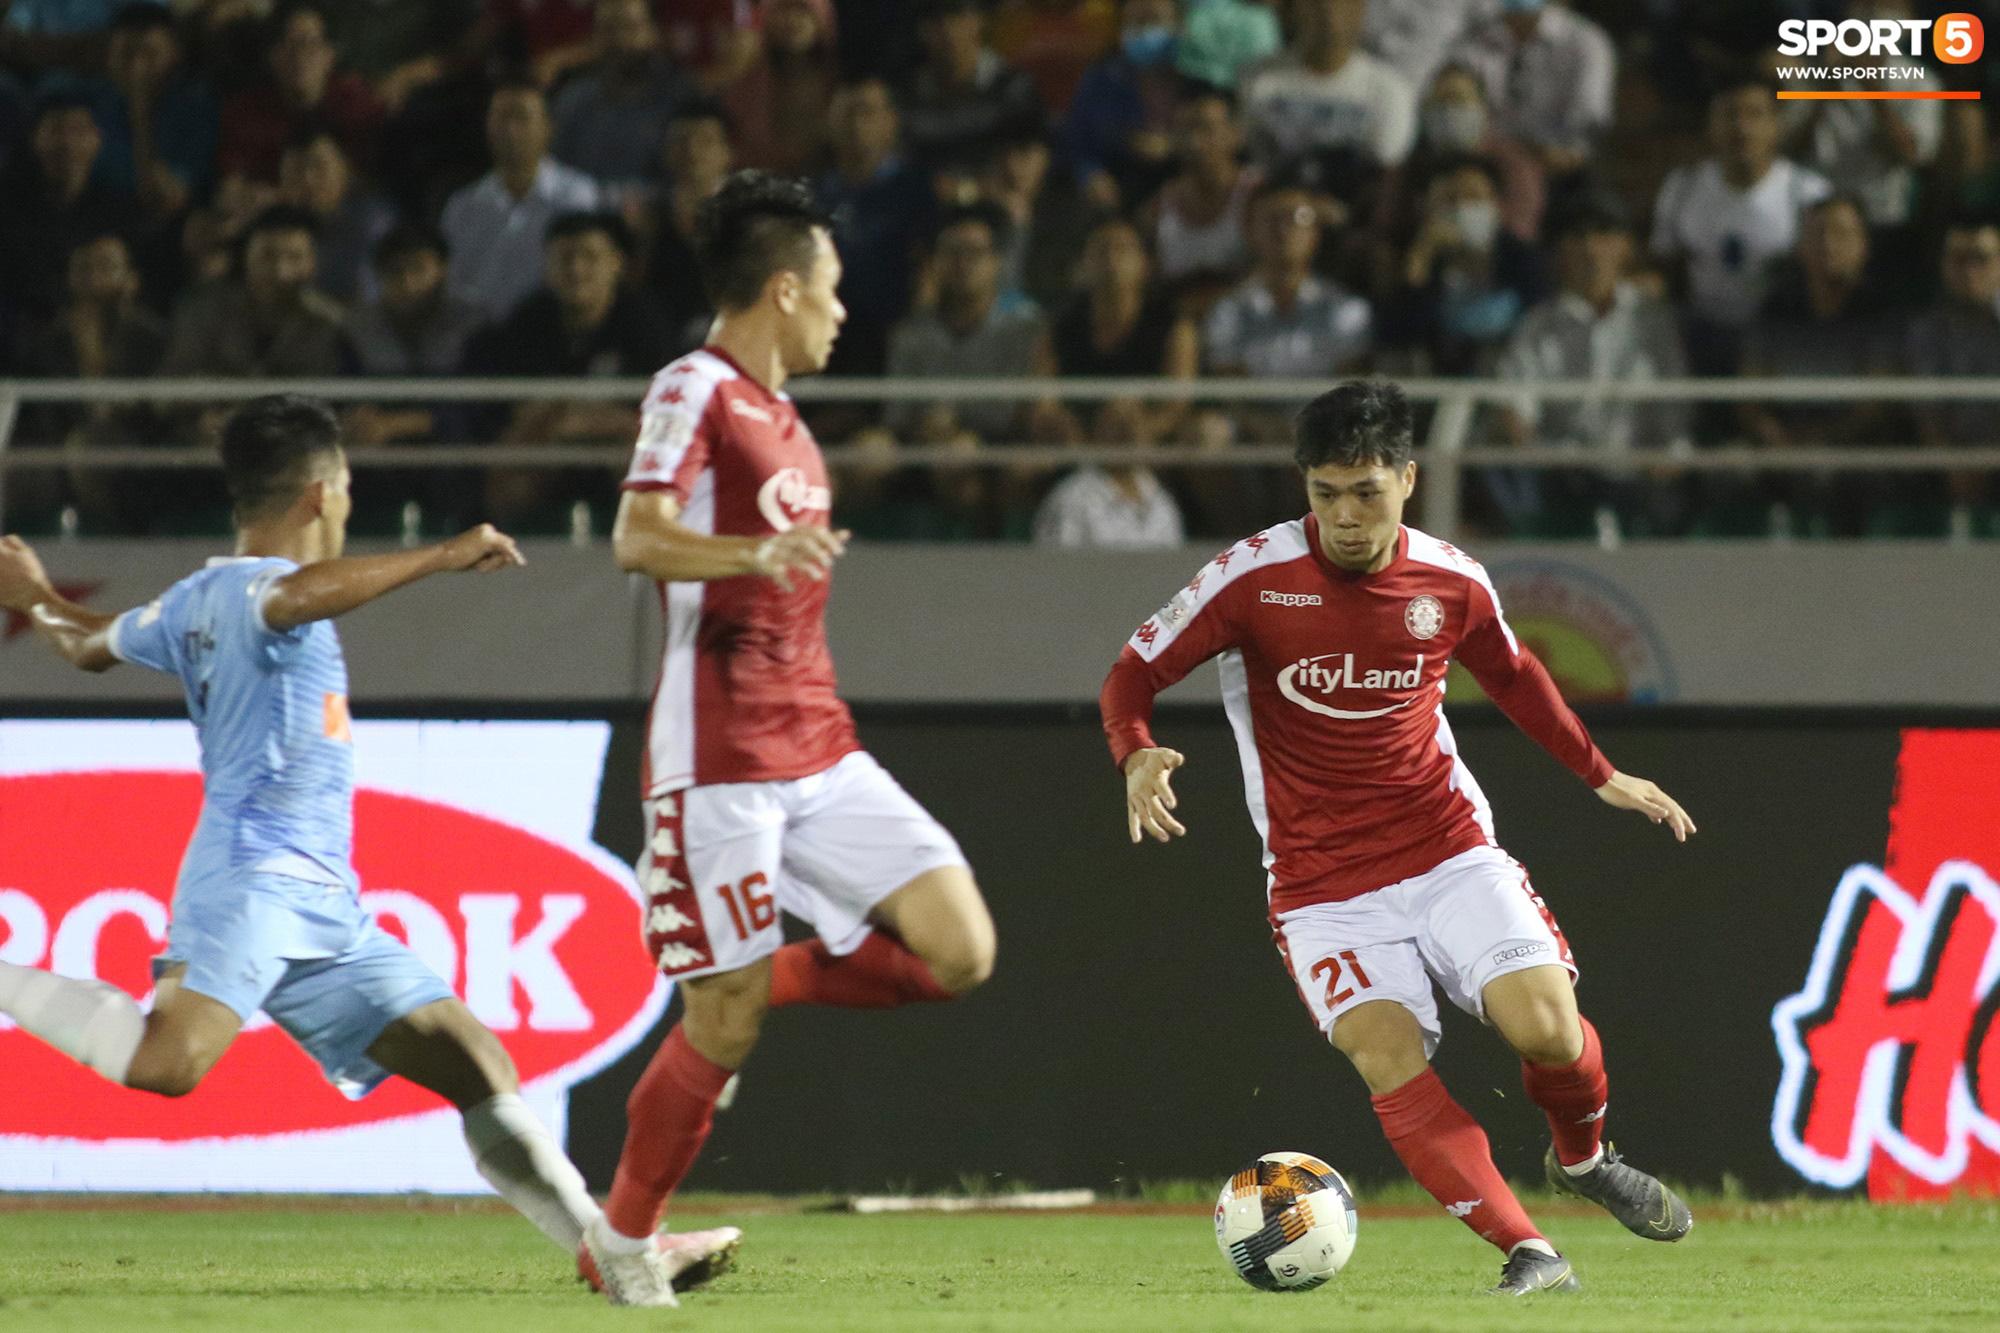 Thót tim với tình huống cựu tuyển thủ U23 Việt Nam nằm gục xuống sân ngay khi được thay ra - Ảnh 5.